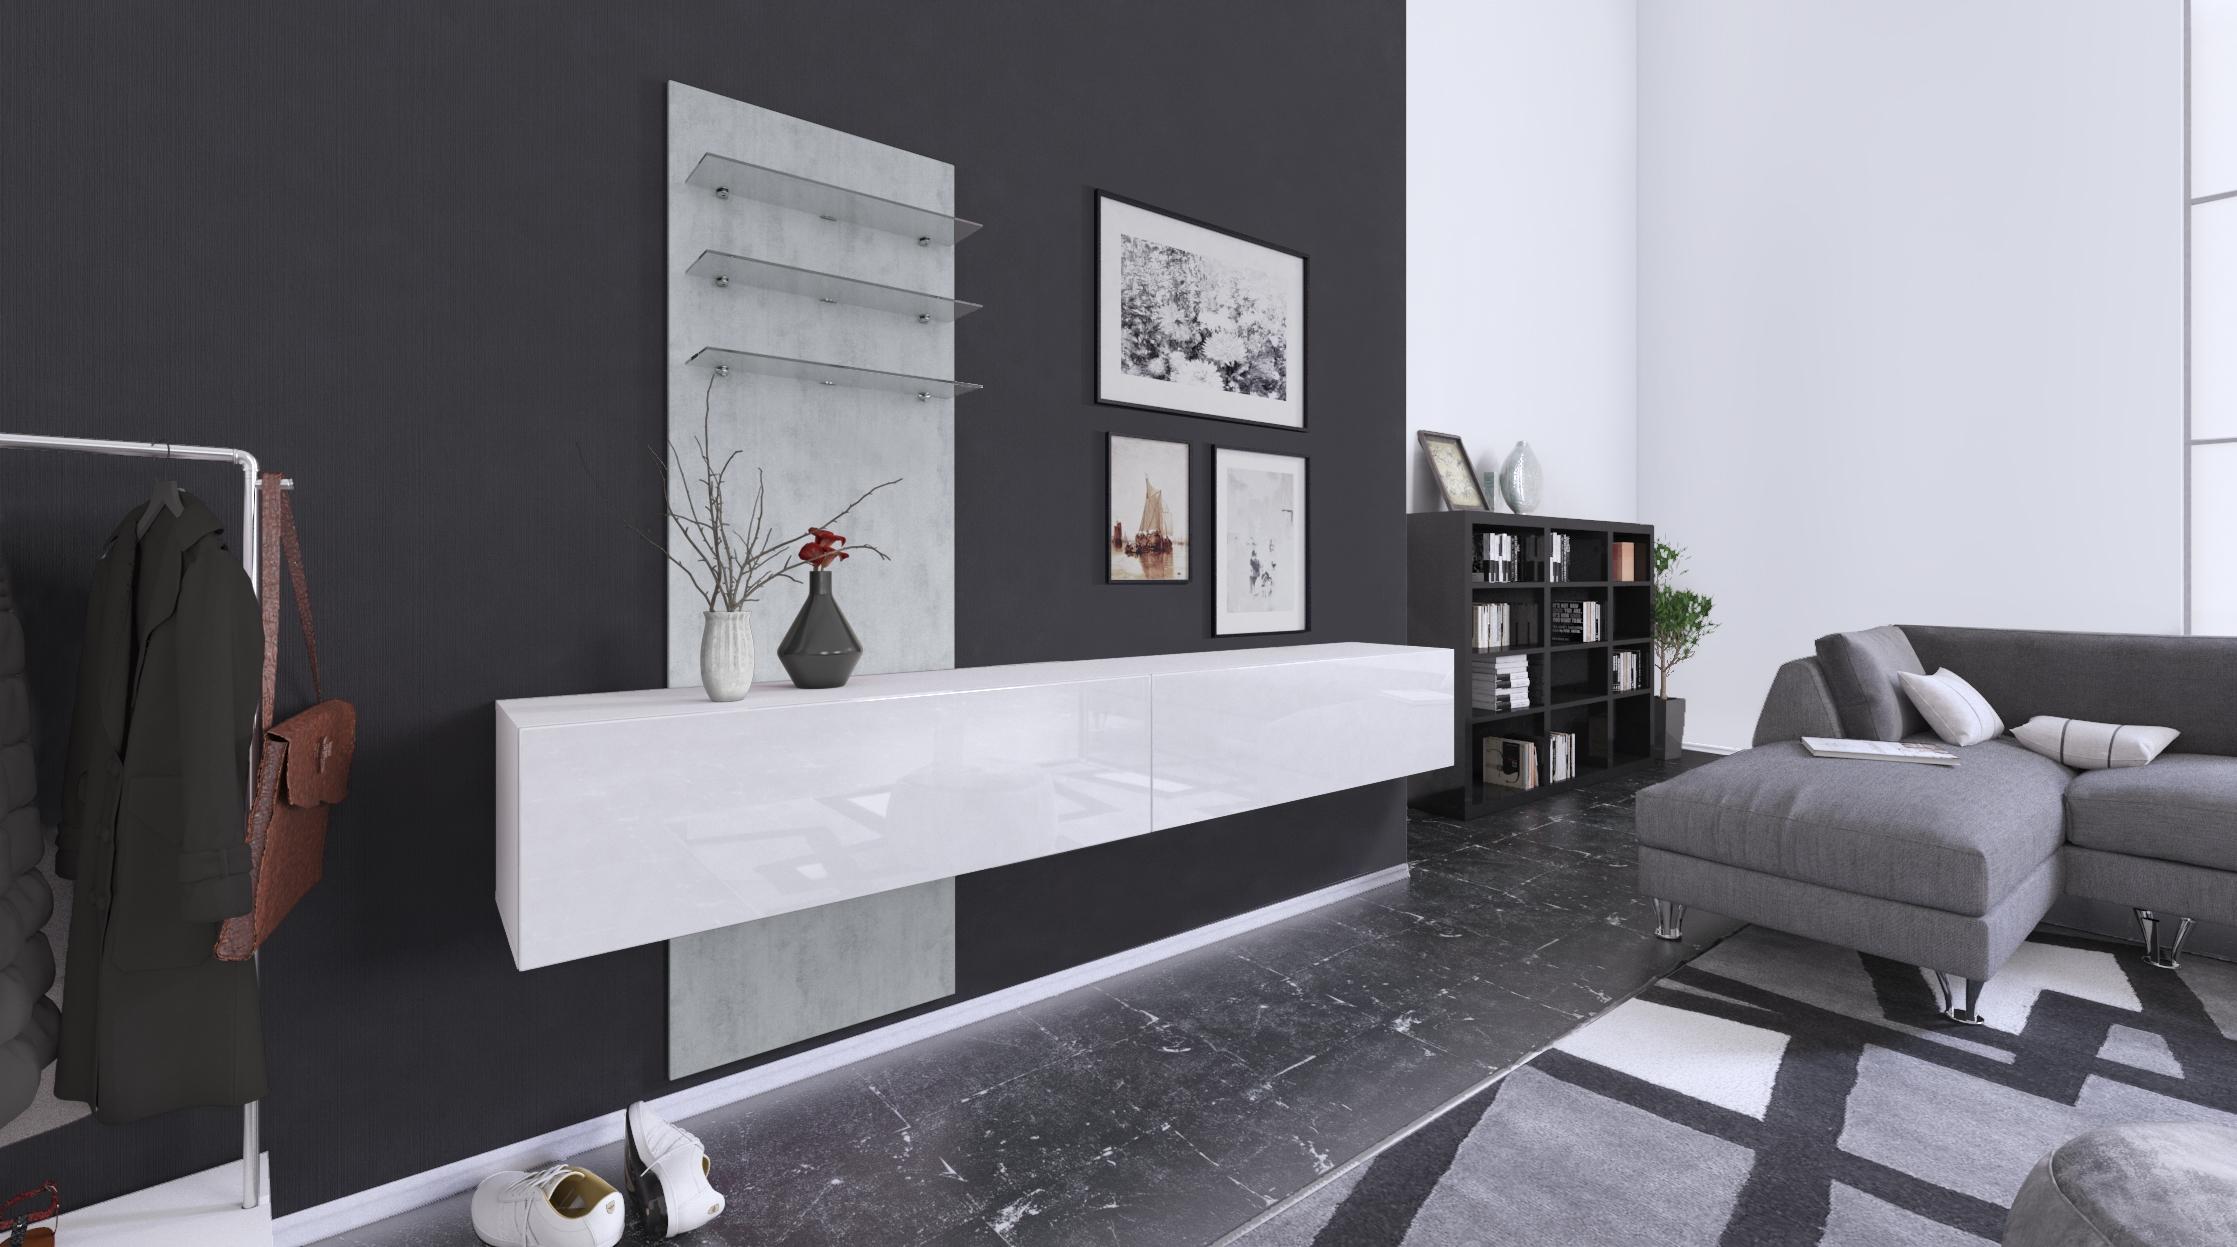 Combinaison Murale Unité Ensemble De Meubles Verre Led Miroir